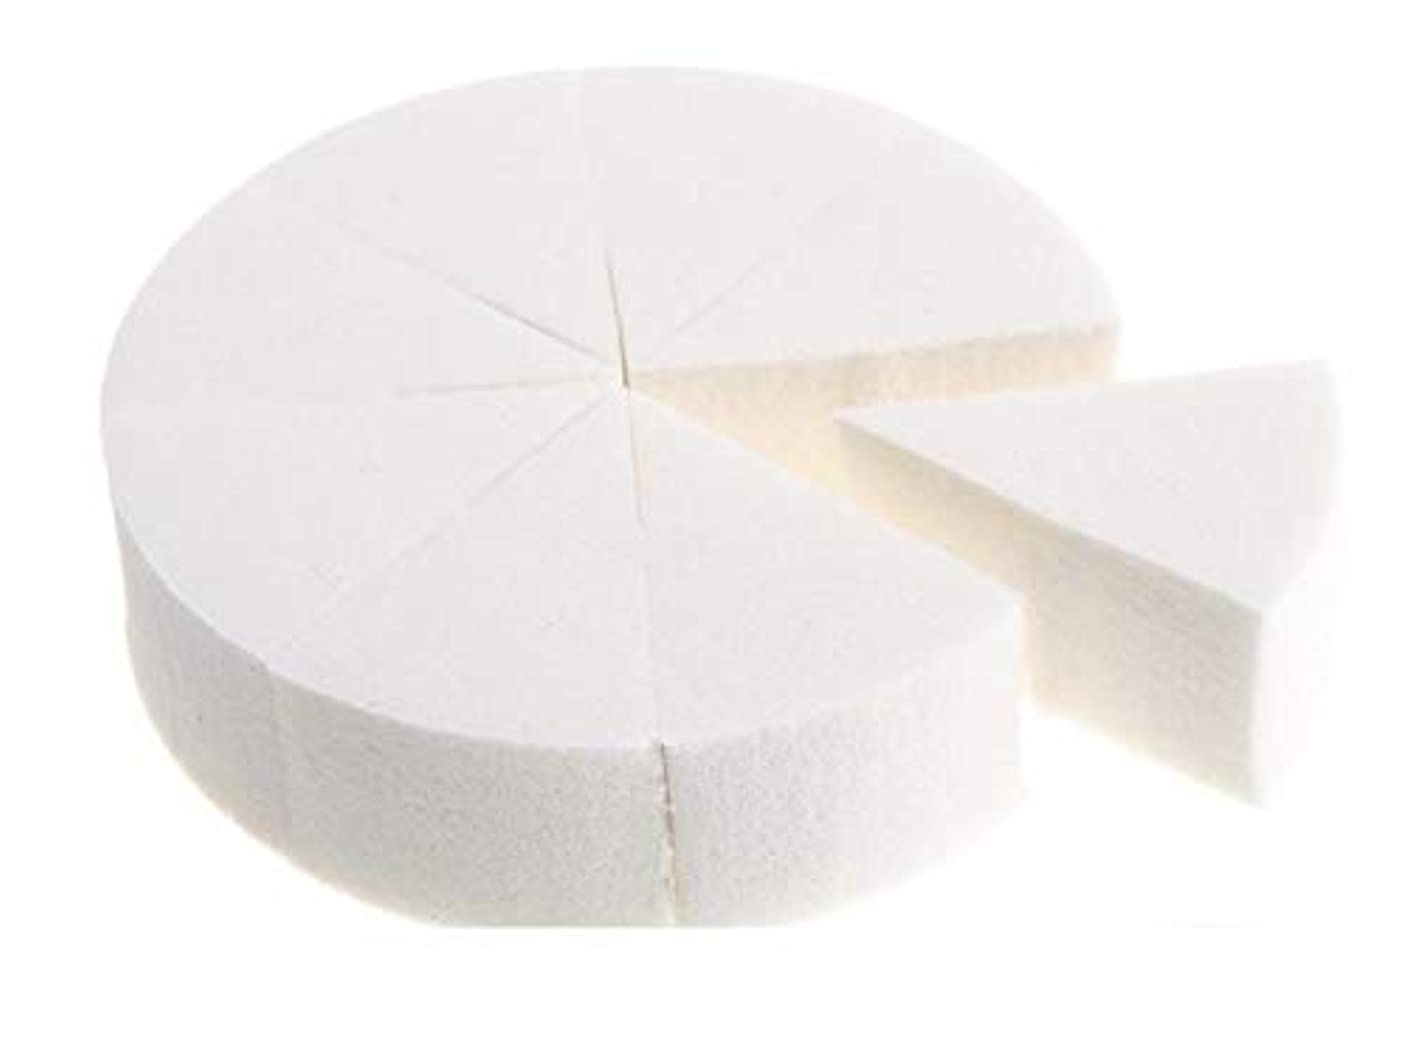 靄ガロンメロドラマティック美容スポンジ、柔らかい8部分の三角形の構造のスポンジのパフの構造のミキサー (Color : ホワイト)